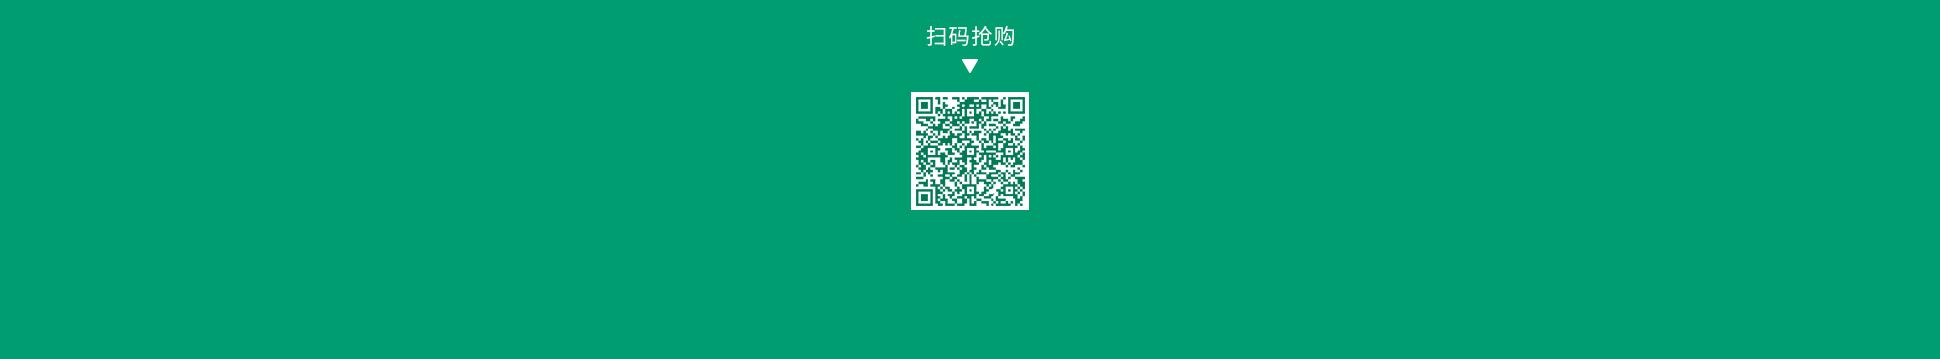 考前攻客100分-99元(绿色)_13.jpg